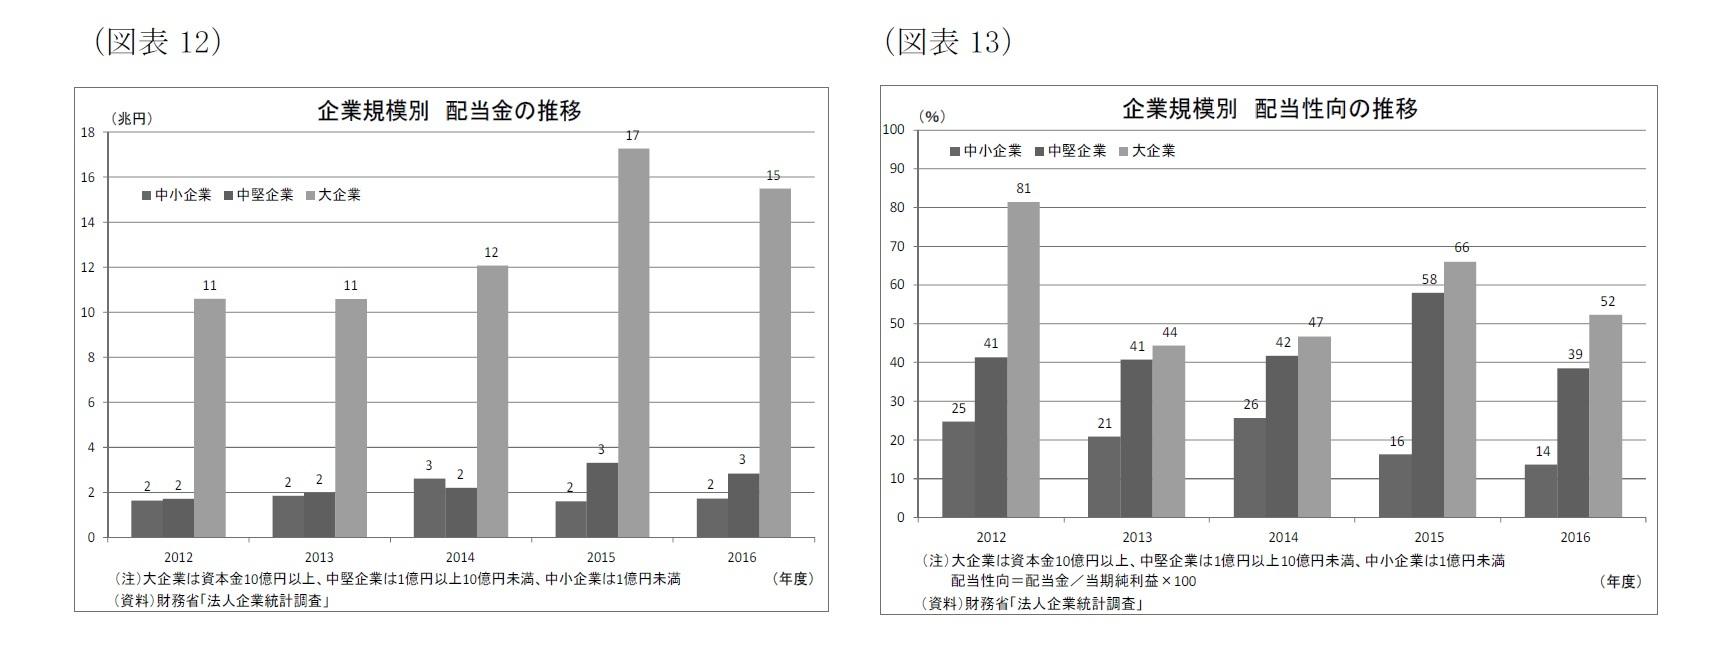 (図表12)企業規模別配当金の推移/(図表13)企業規模別配当性向の推移